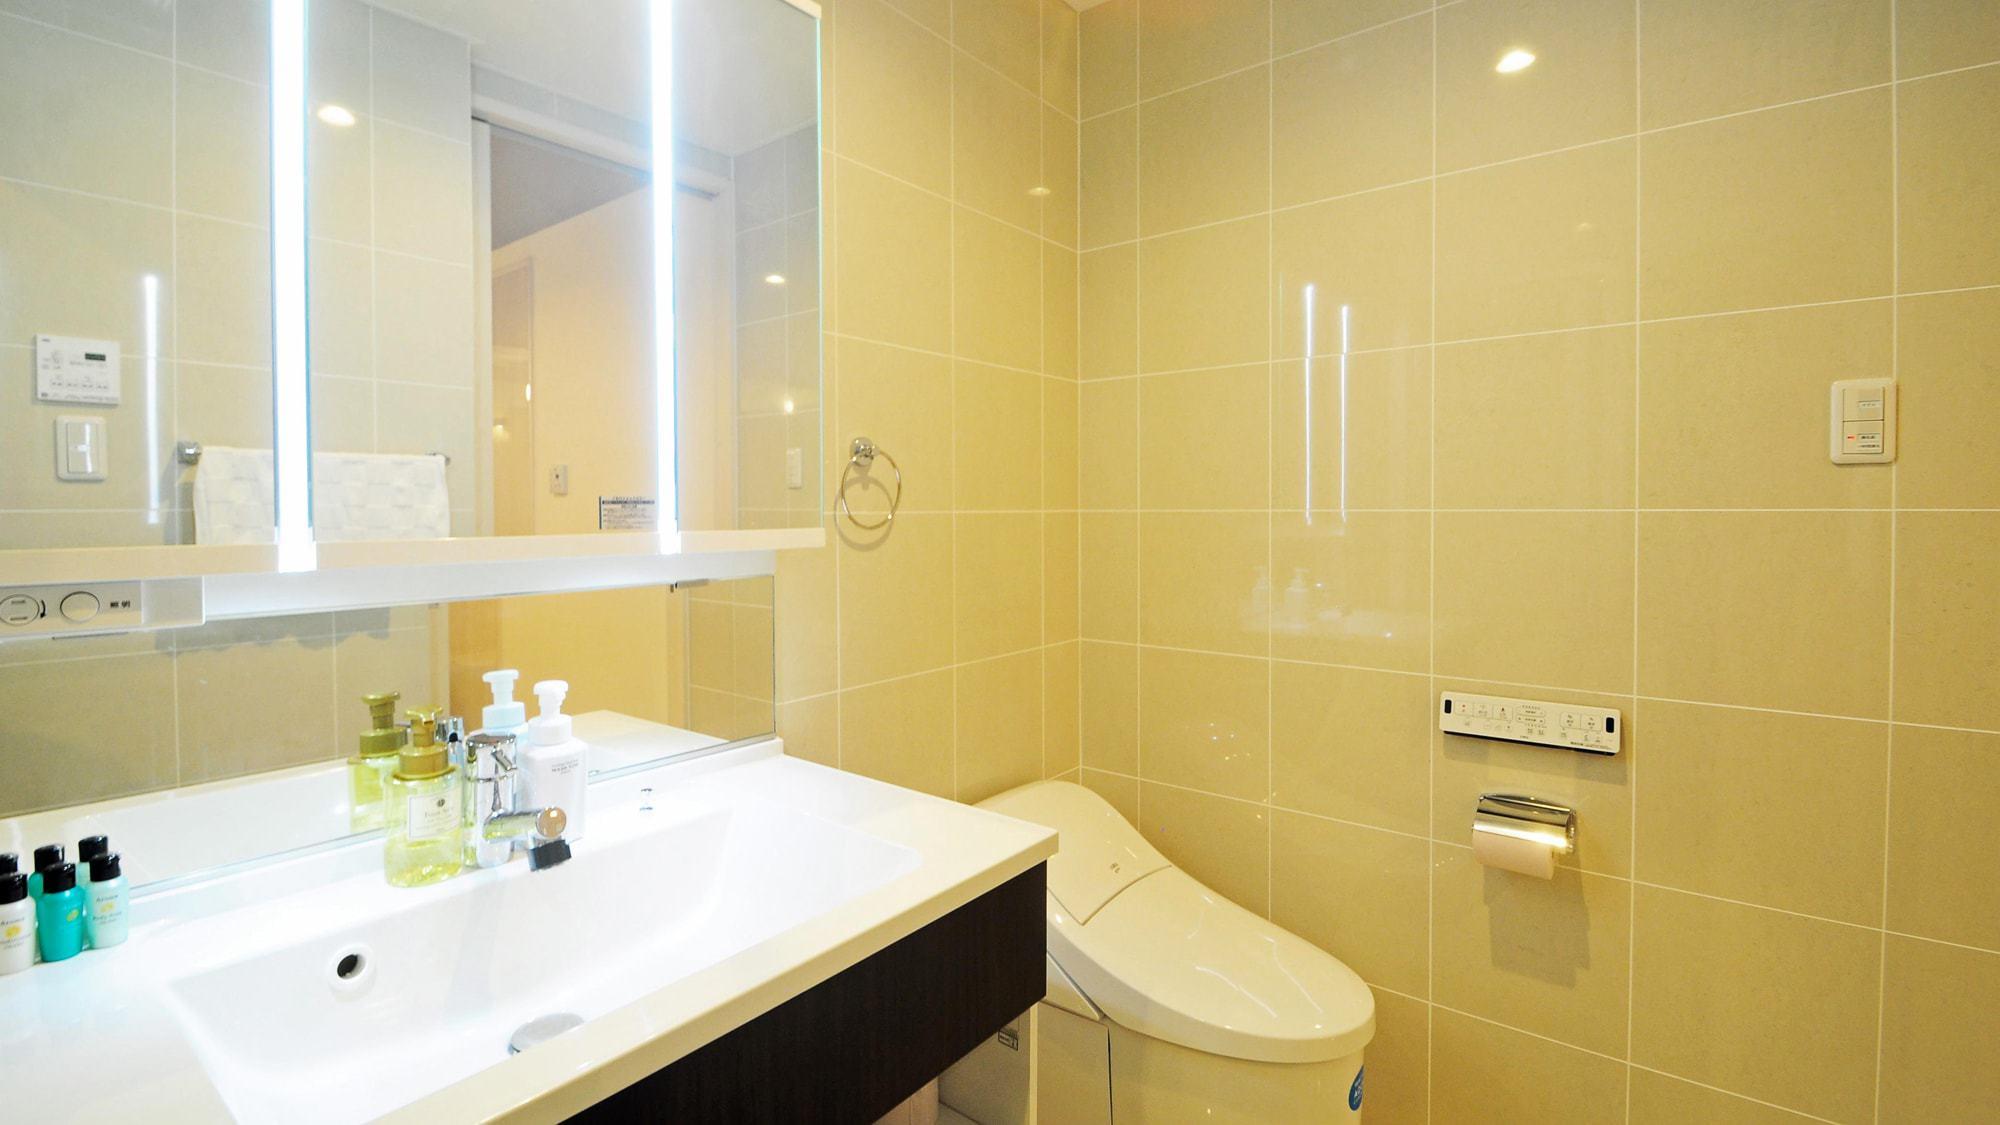 【客室スイート】洗面台・トイレ